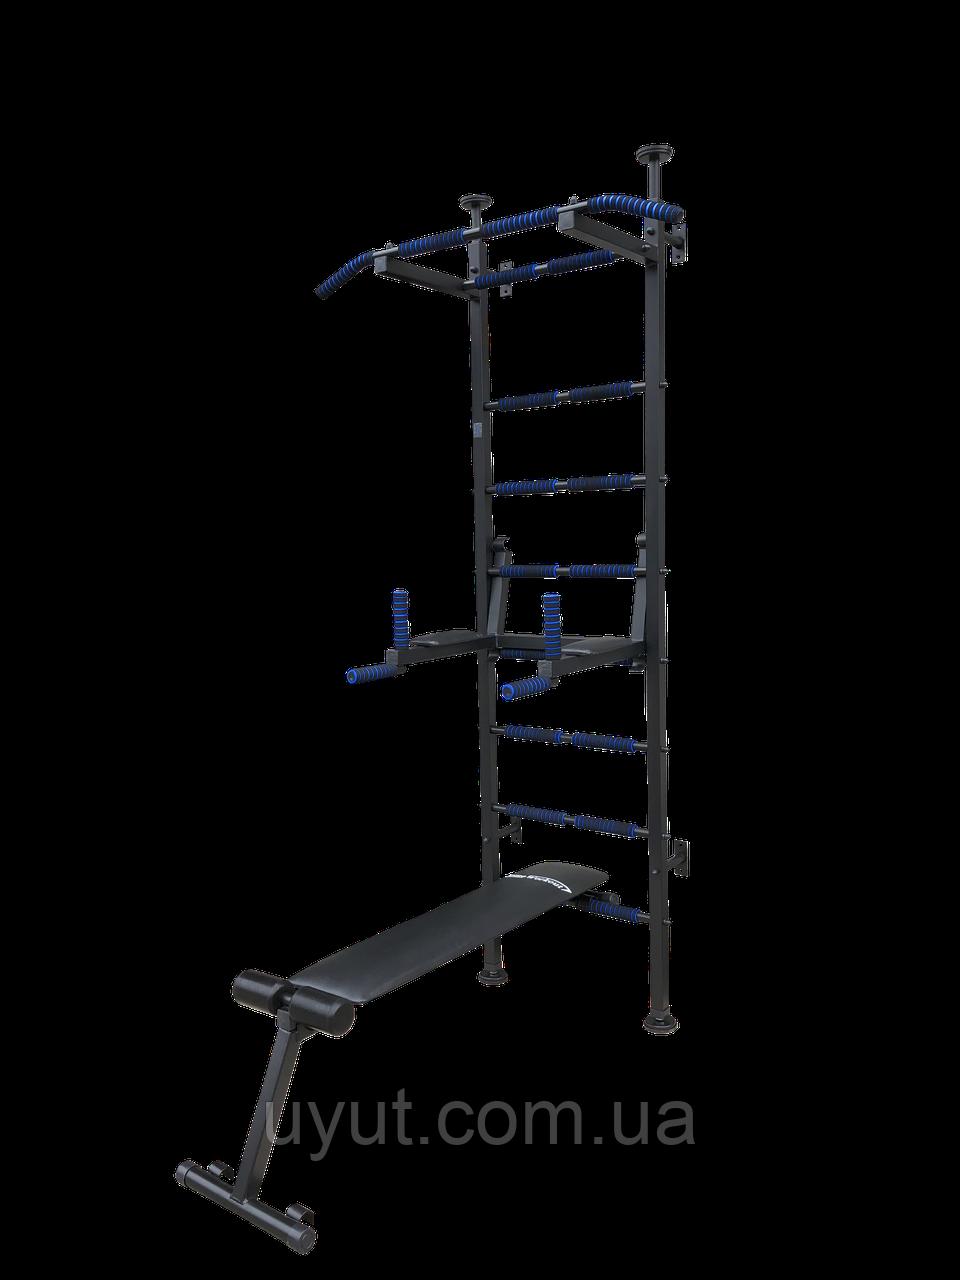 Шведская стенка спортивная «Fitness Pro m.2 ТМ Уют Спорт» (Black)